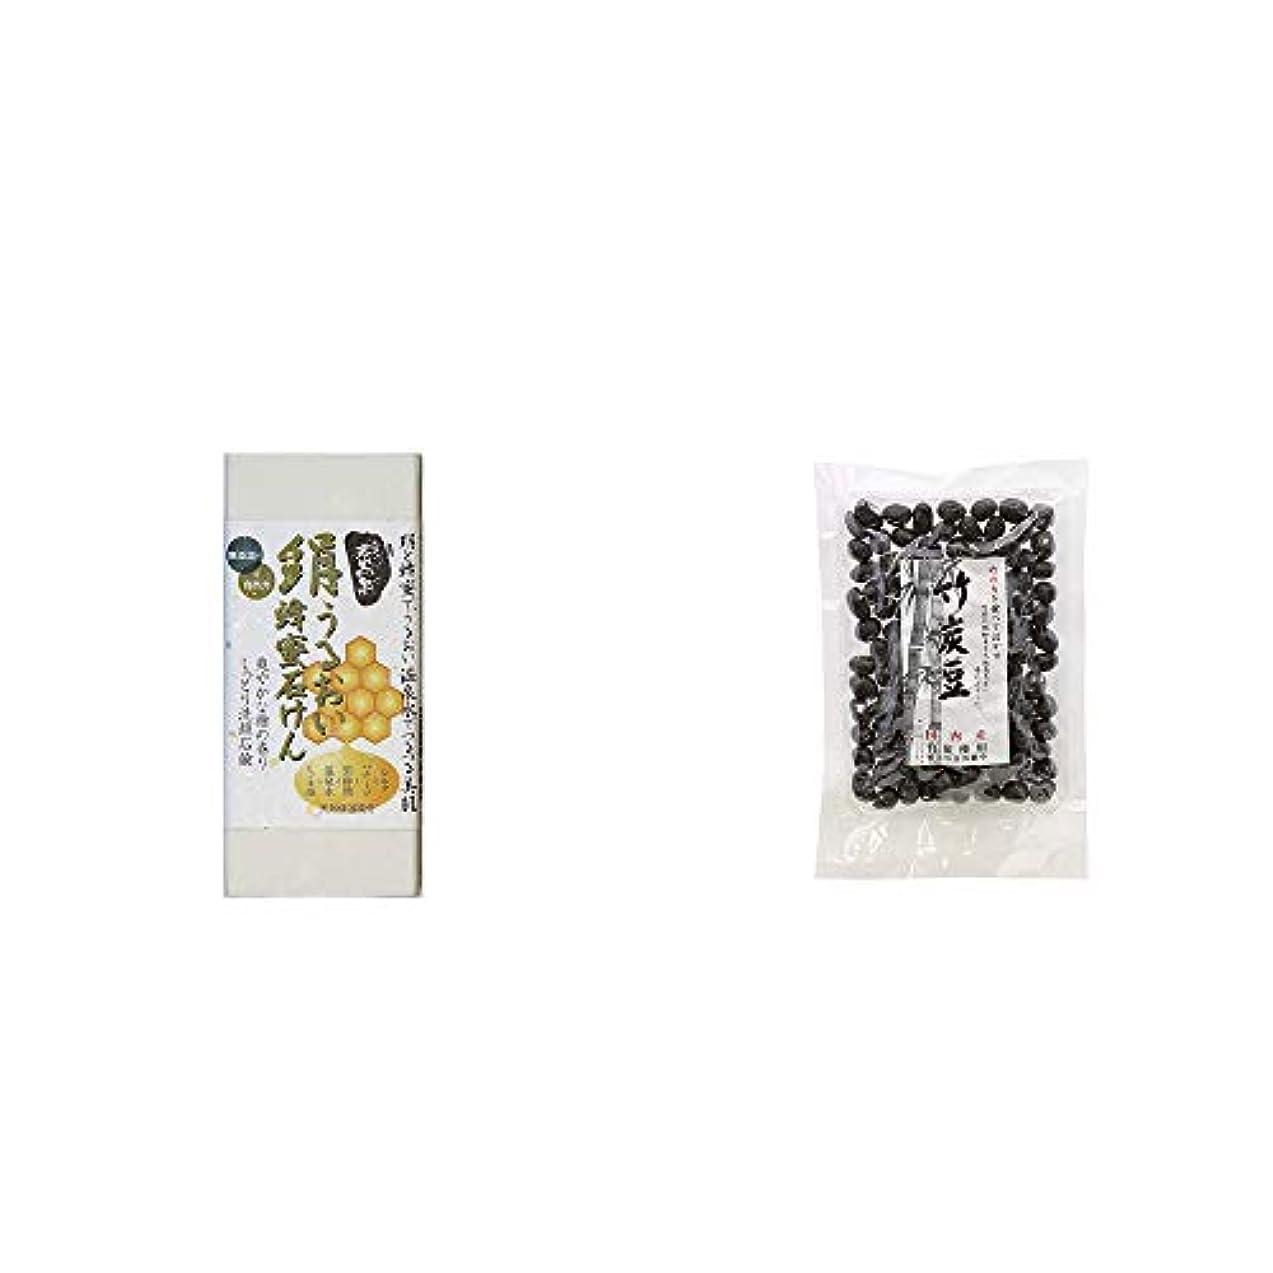 請求狂う見る人[2点セット] ひのき炭黒泉 絹うるおい蜂蜜石けん(75g×2)?国内産 竹炭使用 竹炭豆(160g)